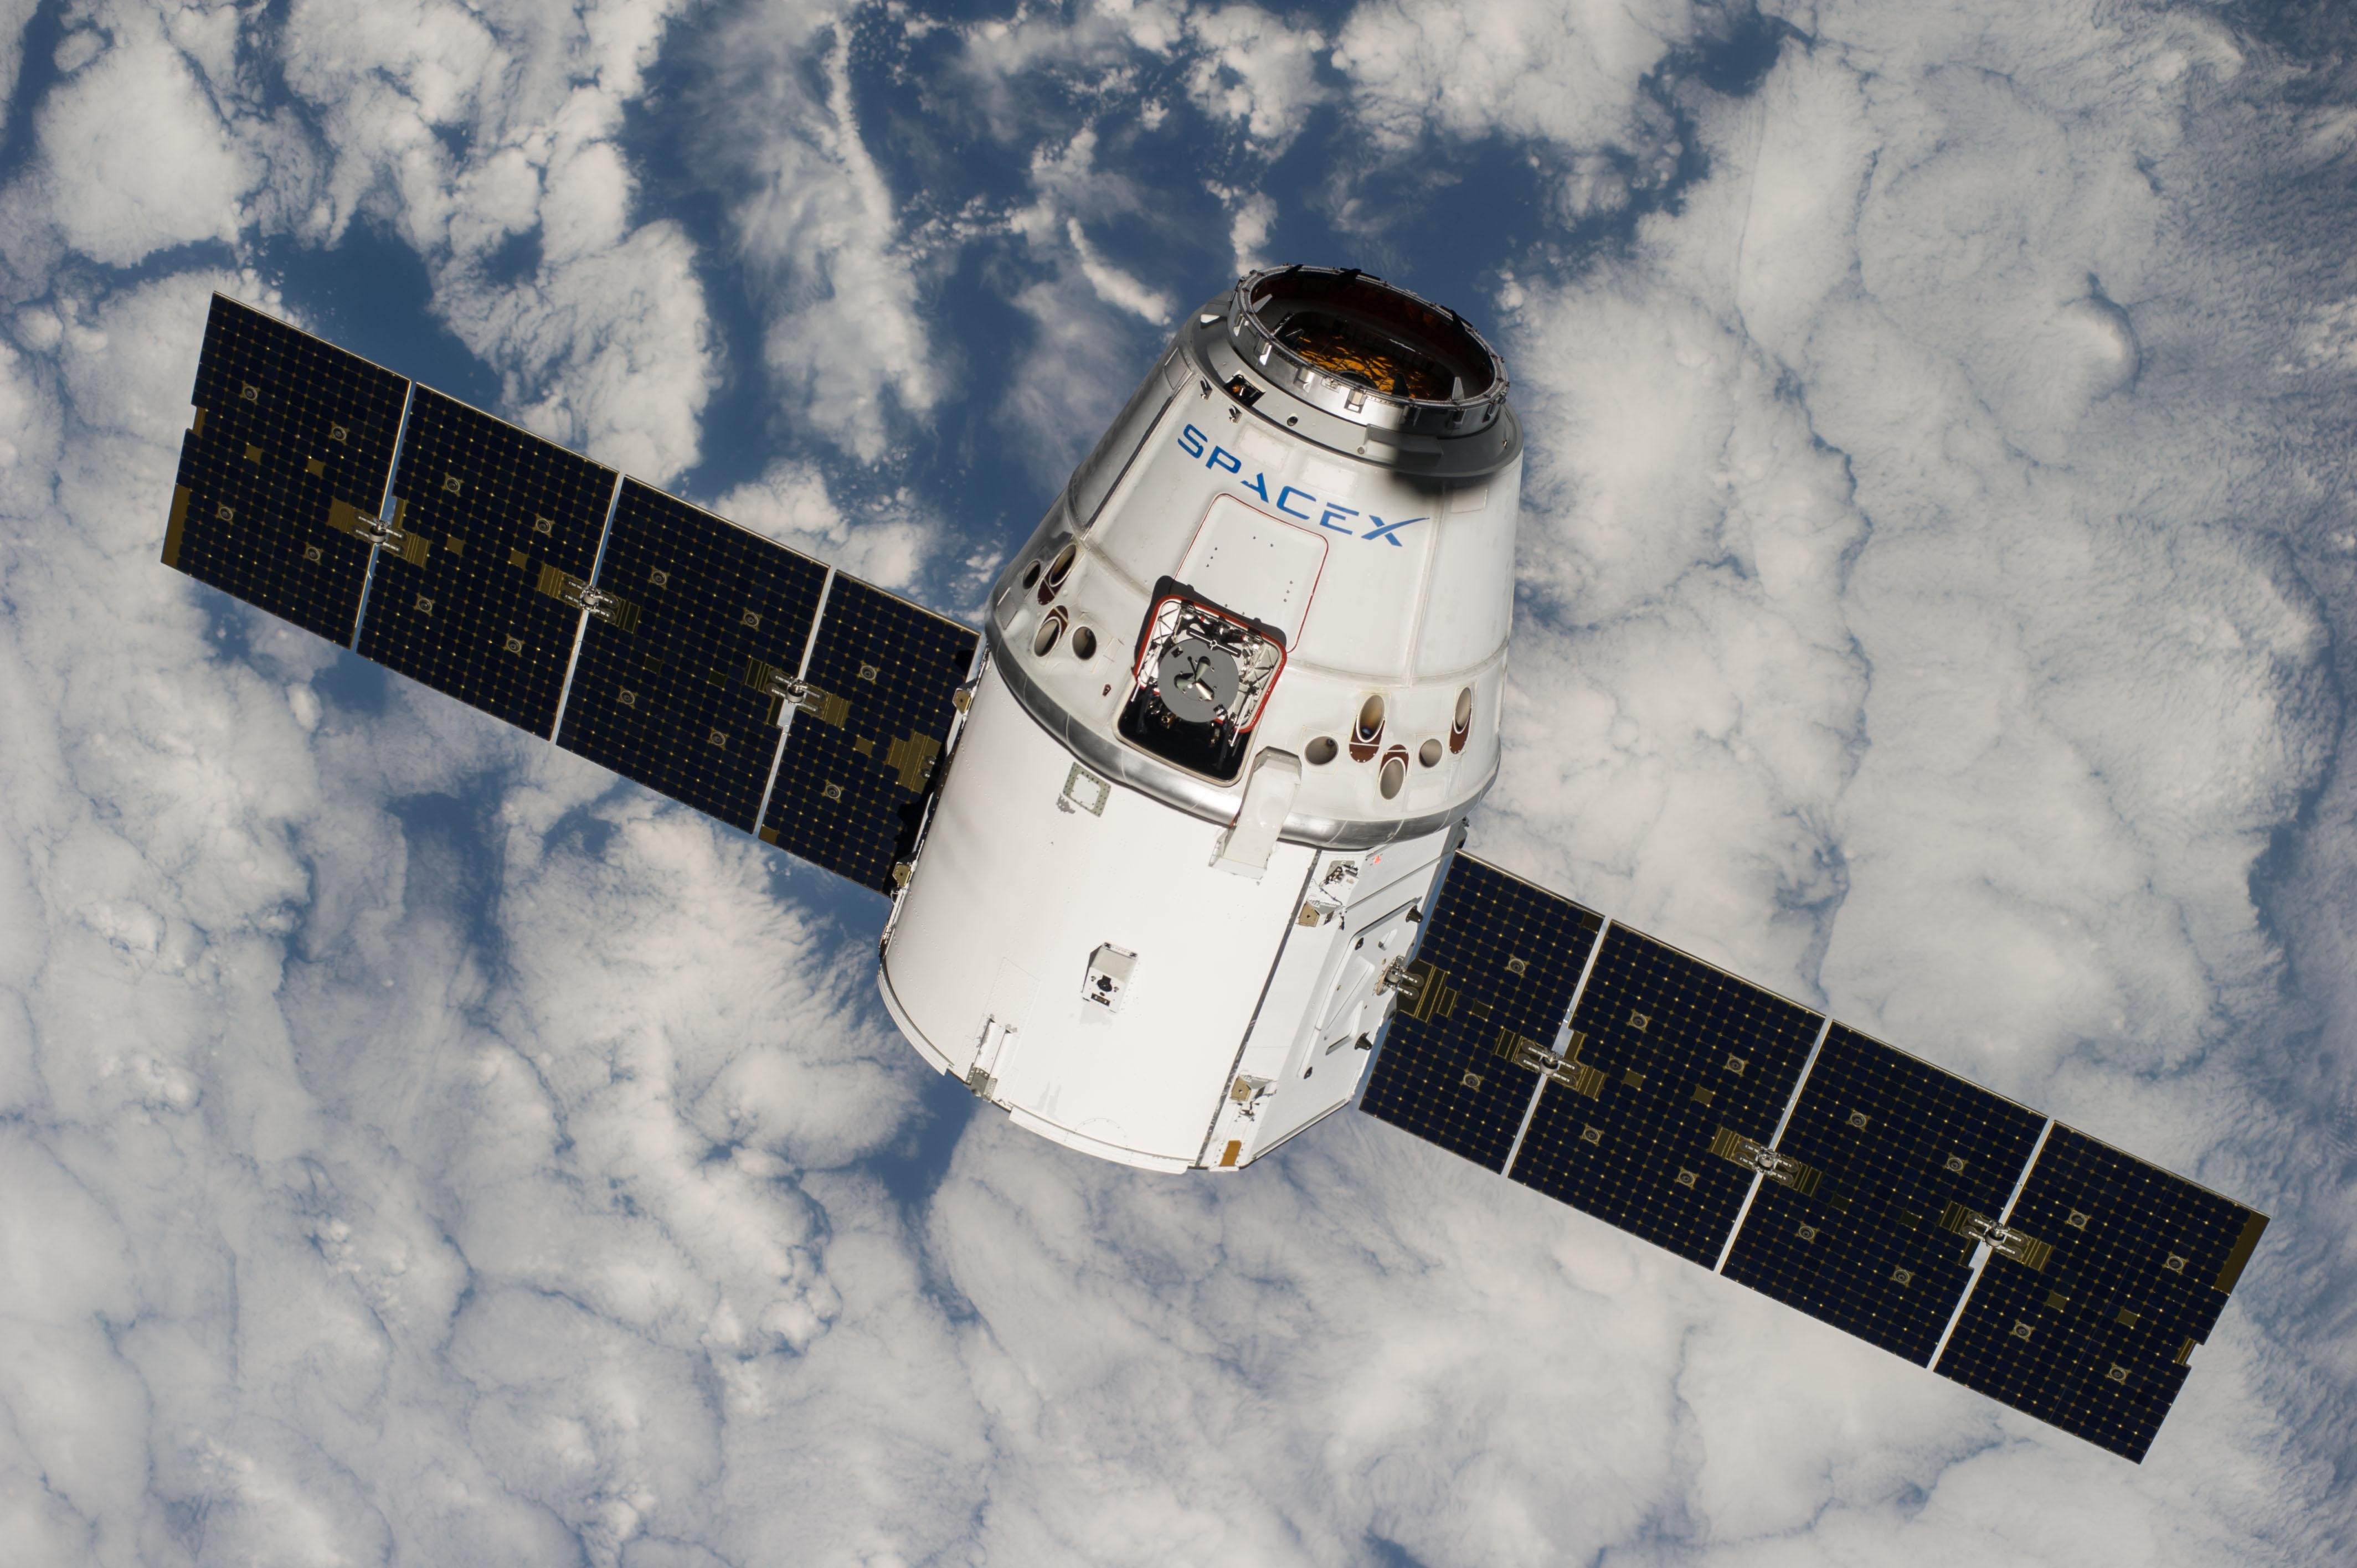 Коммерческий космический корабль <i>Dragon</i> компании <i>SpaceX</i>.